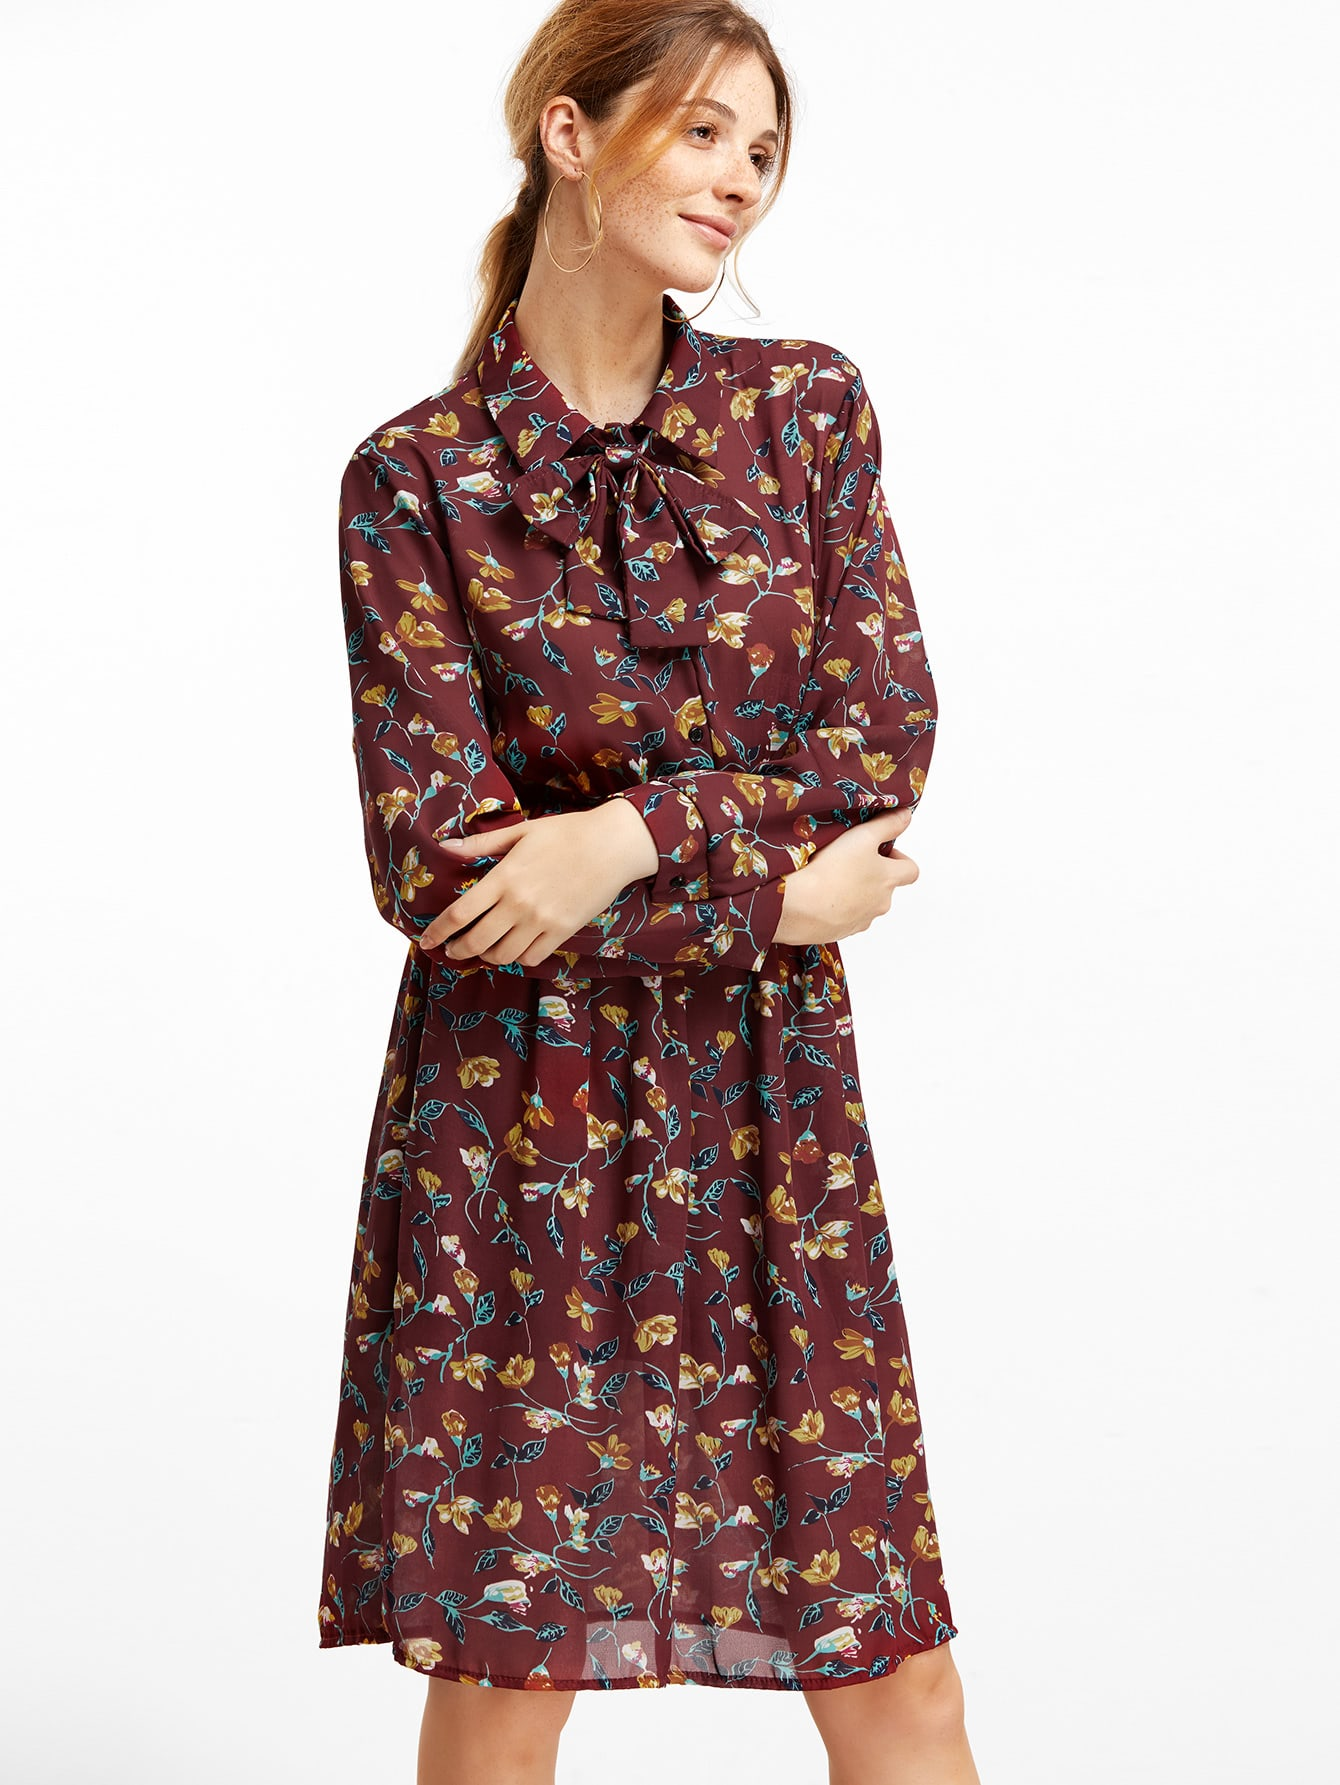 dress160930006_2